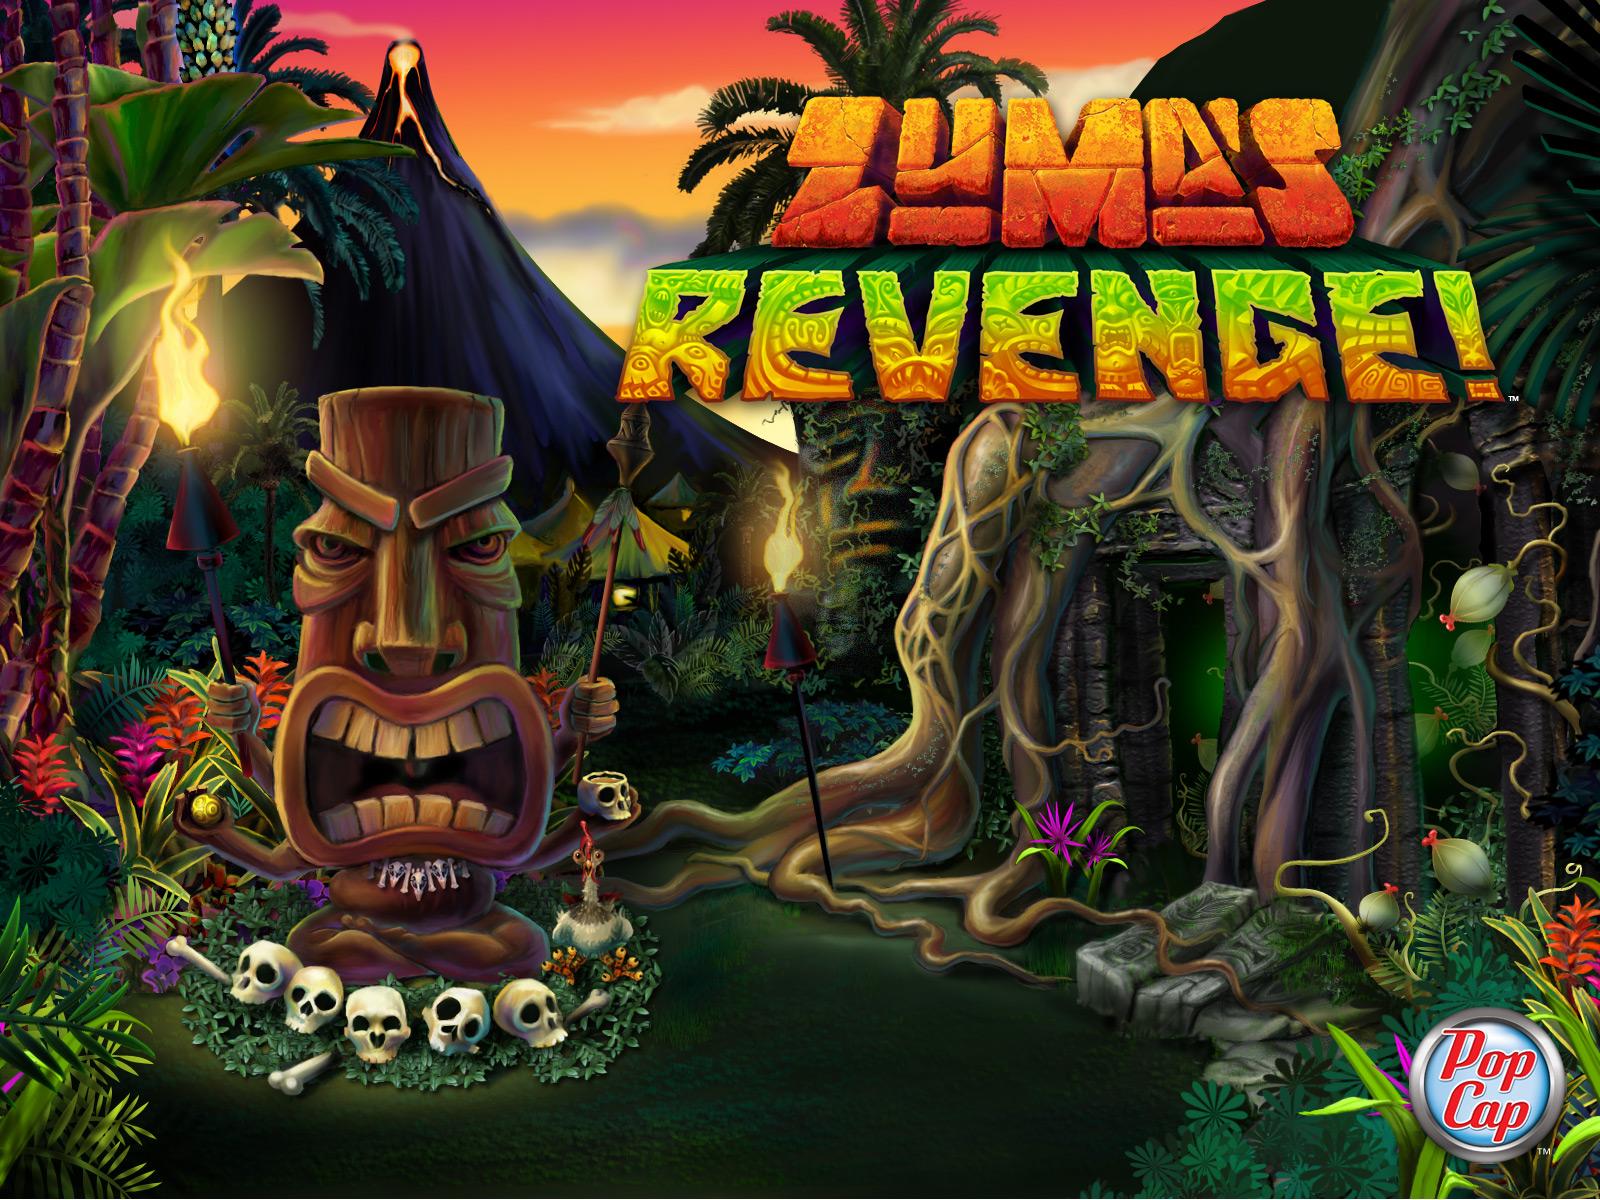 Wie es der Name bereits zum Ausdruck bringt handelt es sich bei Zumas Revenge um den zweiten Teil des legendären BallerspielKlassikers Zuma Natürlich